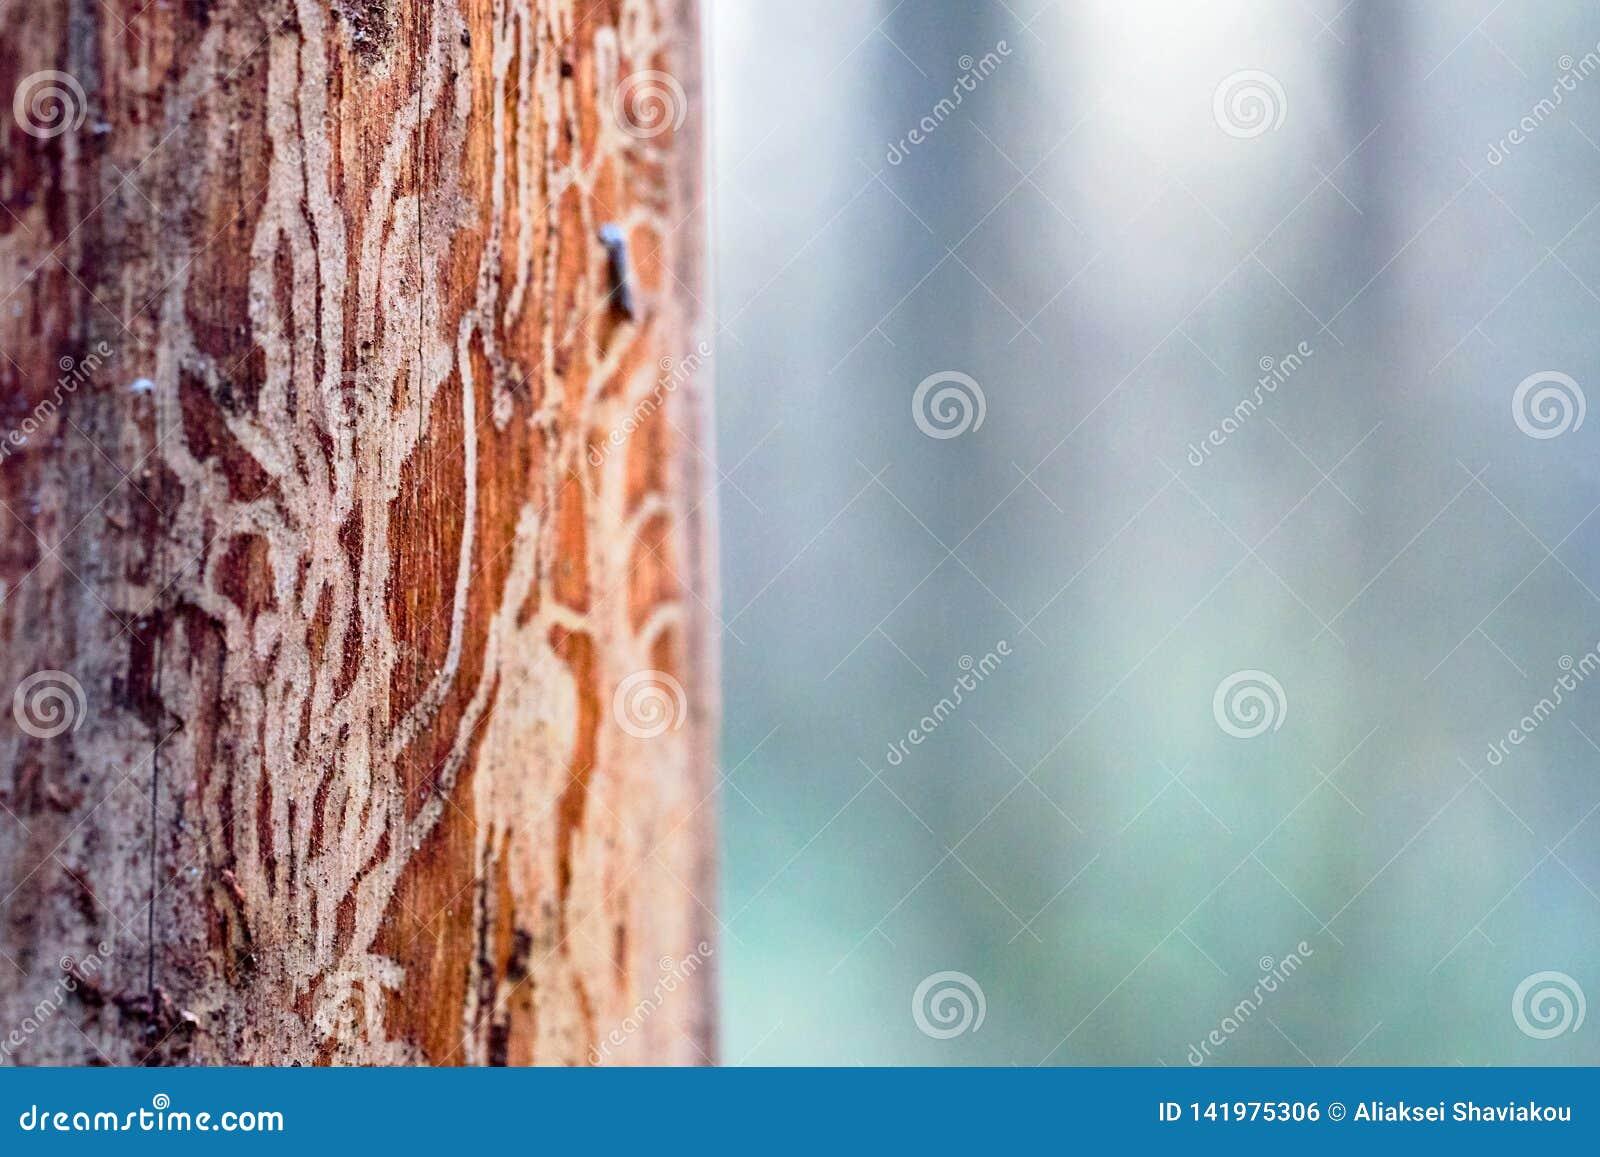 Le bois de pin érodé en trous de ver souffre de l infection de scarabée d écorce